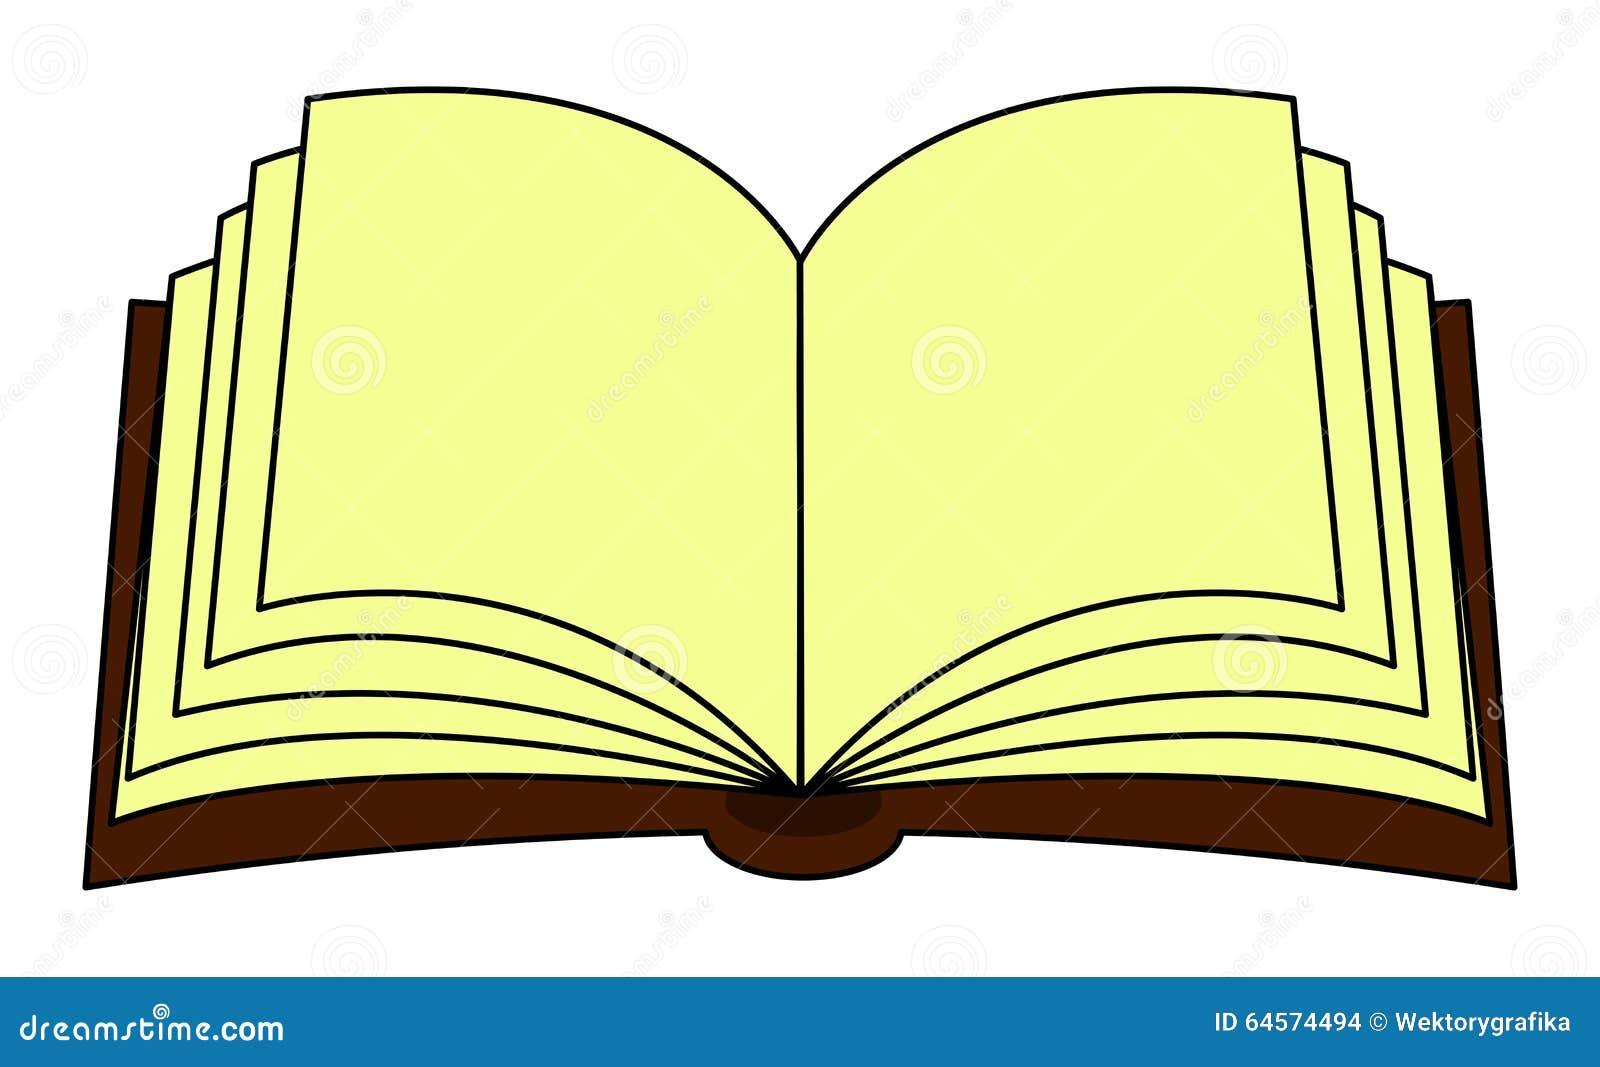 Open Book Clip Art Color Clipart Collection: Open Book Vector Clipart, Symbol, Icon Design